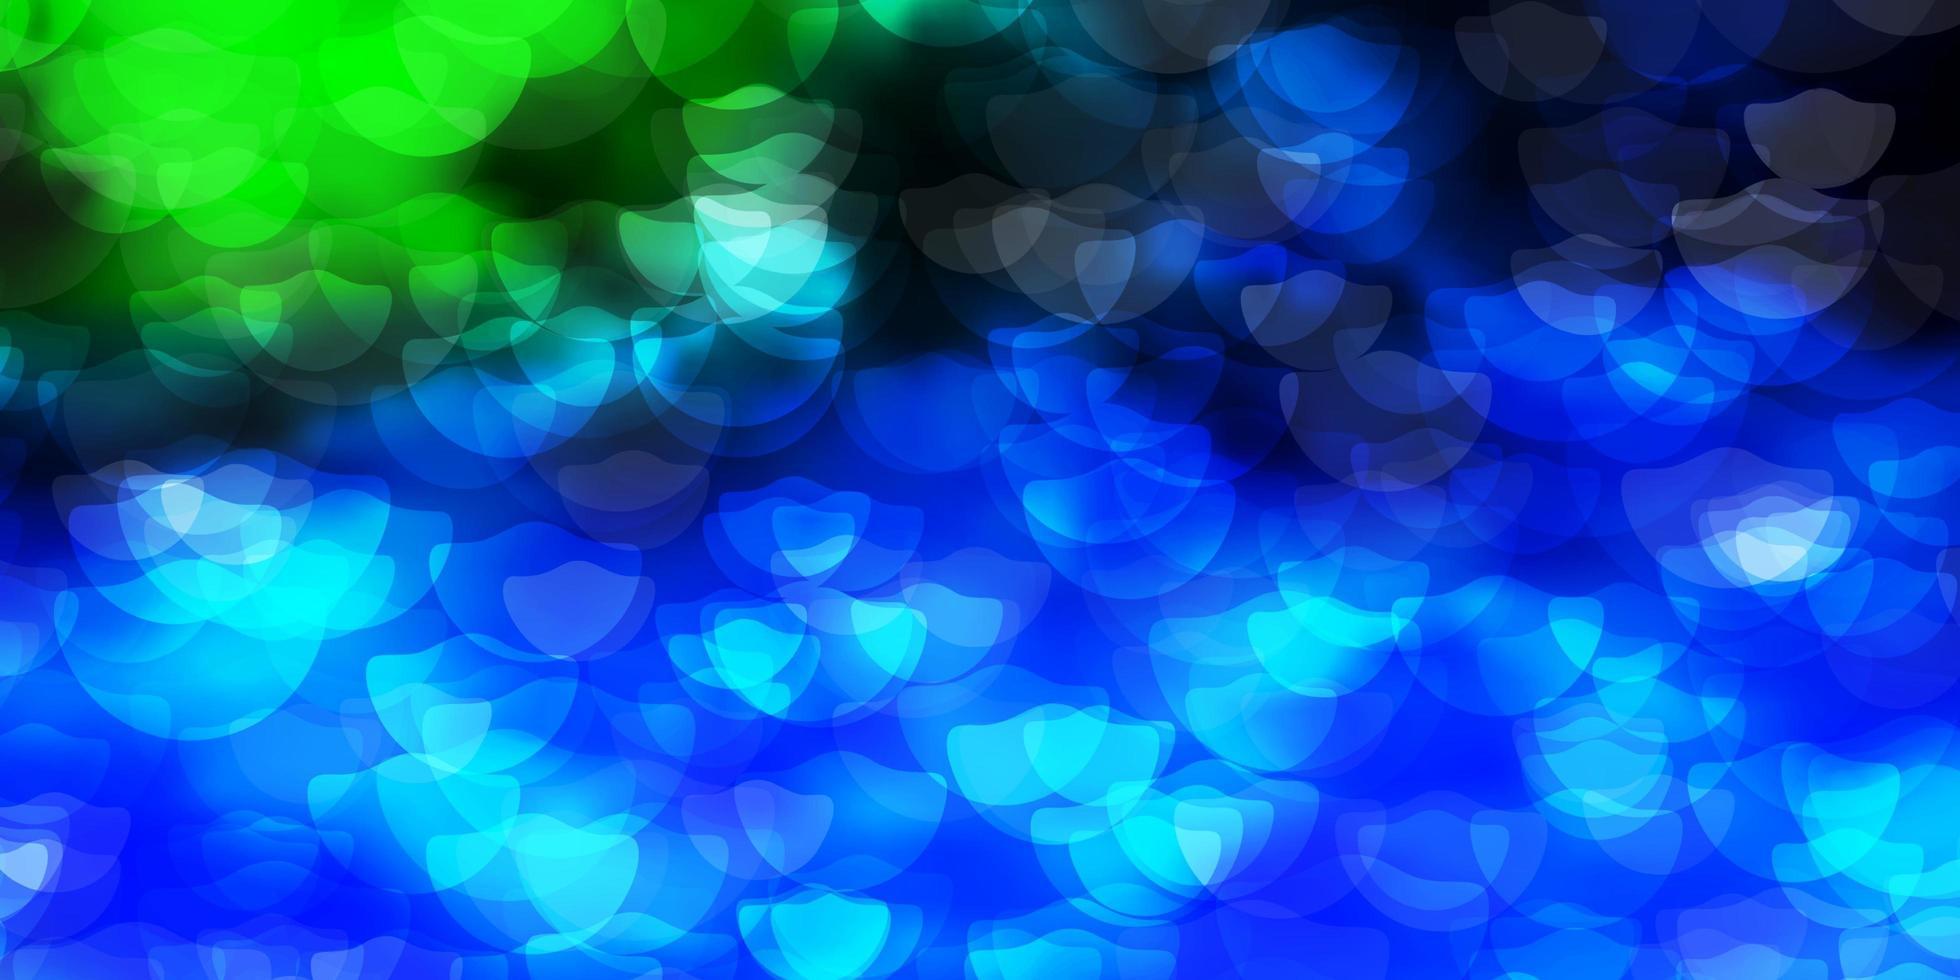 donkerblauwe, groene vectortextuur met schijven. vector